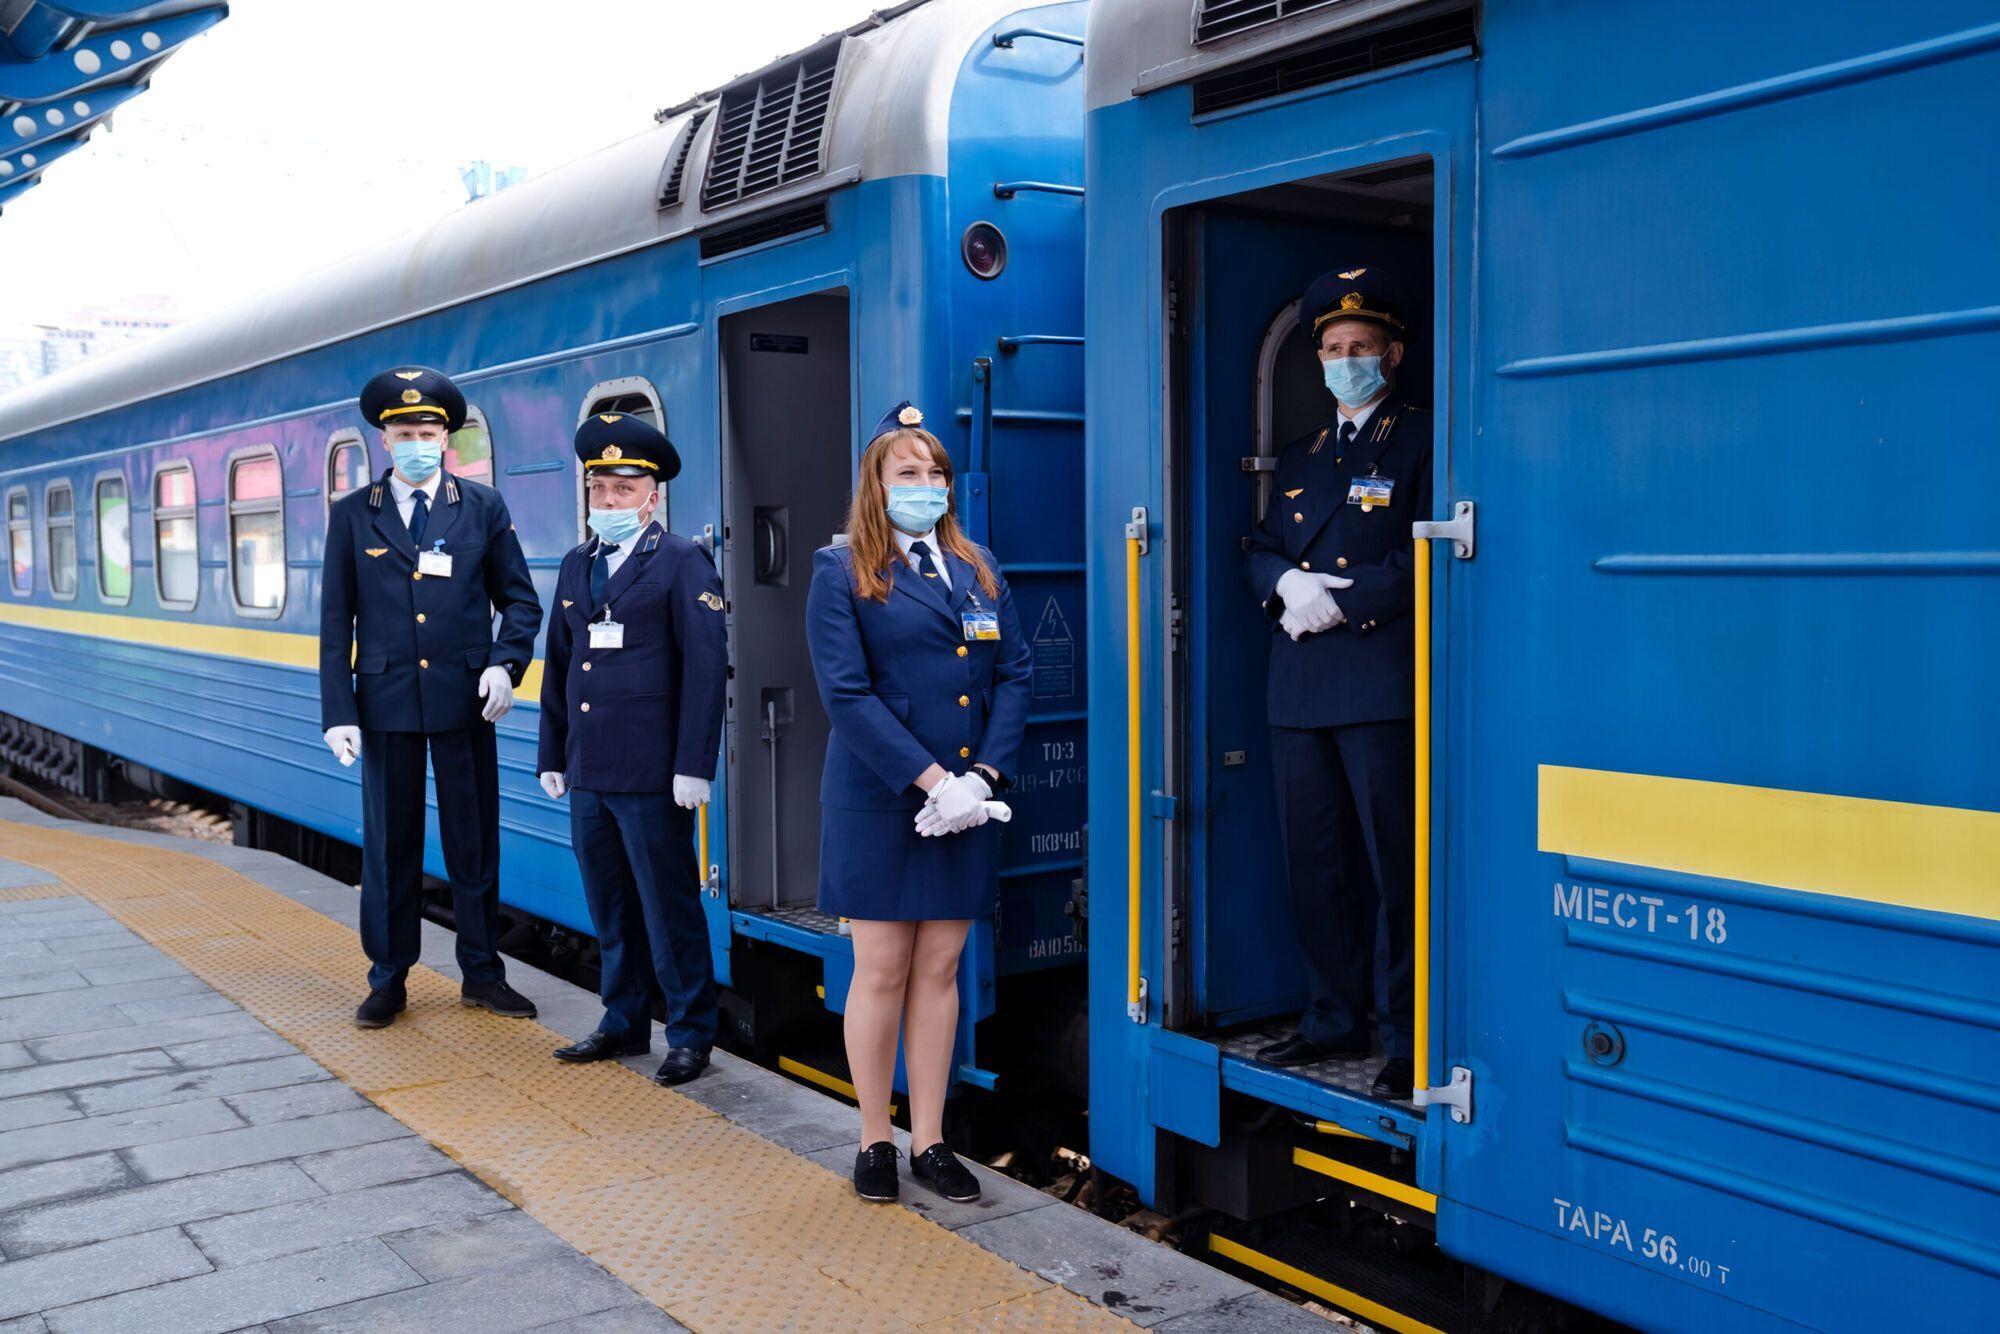 По информации источников, из Киева пока что поезда не прекращают движение